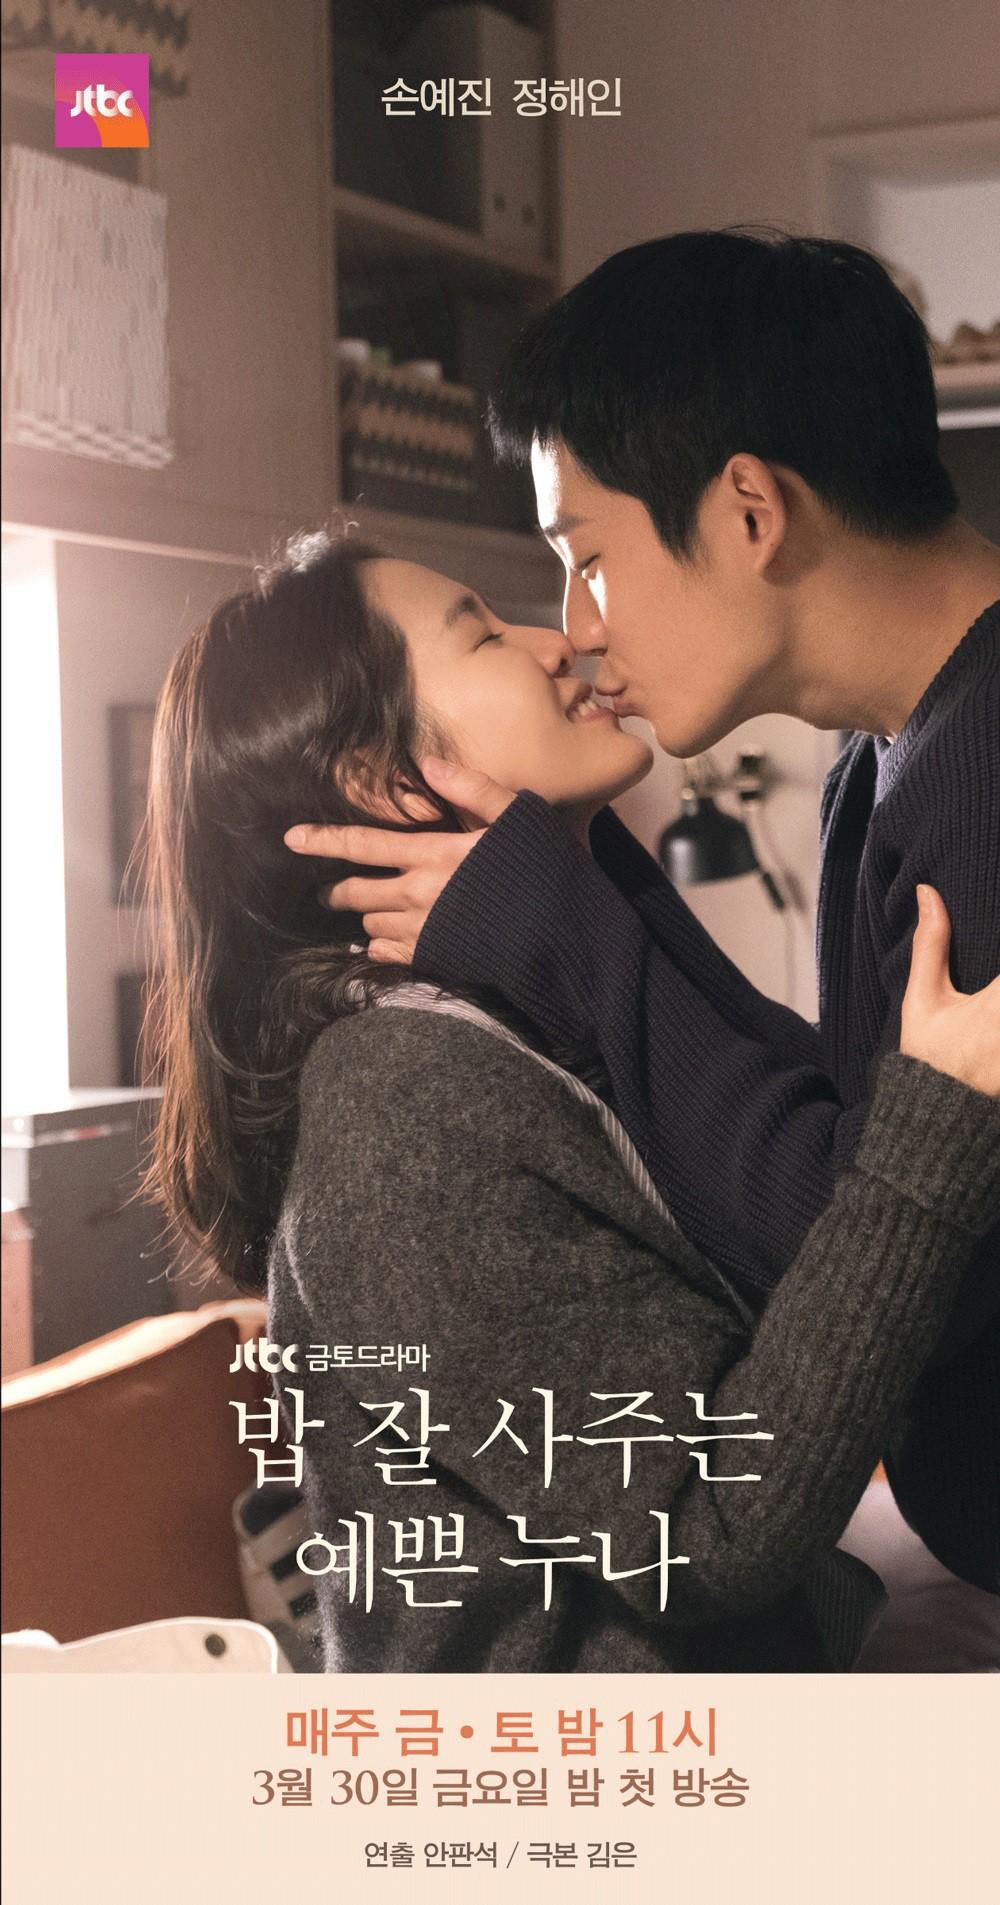 [Phim Hàn Quốc] Something In The Rain (2018) – Chị đẹp mua đồ ăn cho tôi